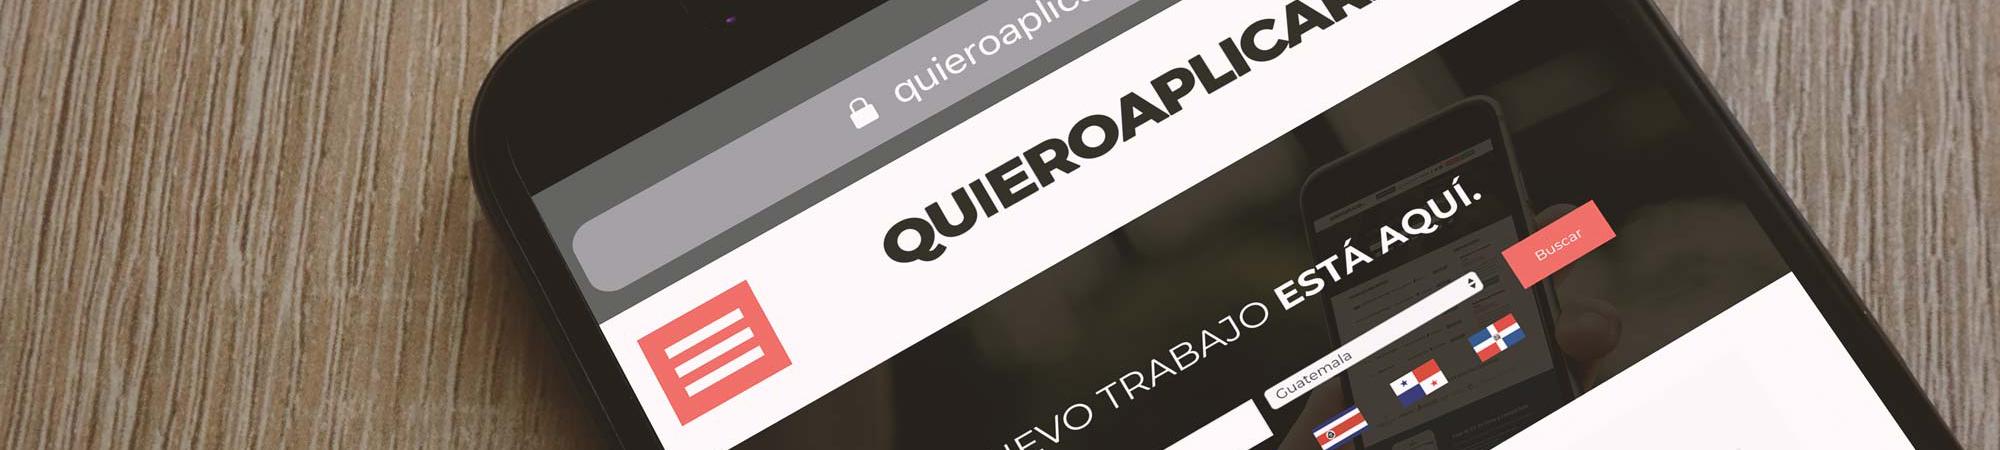 Trabajos en El Salvador - Bolsa de empleo QuieroAplicar.com